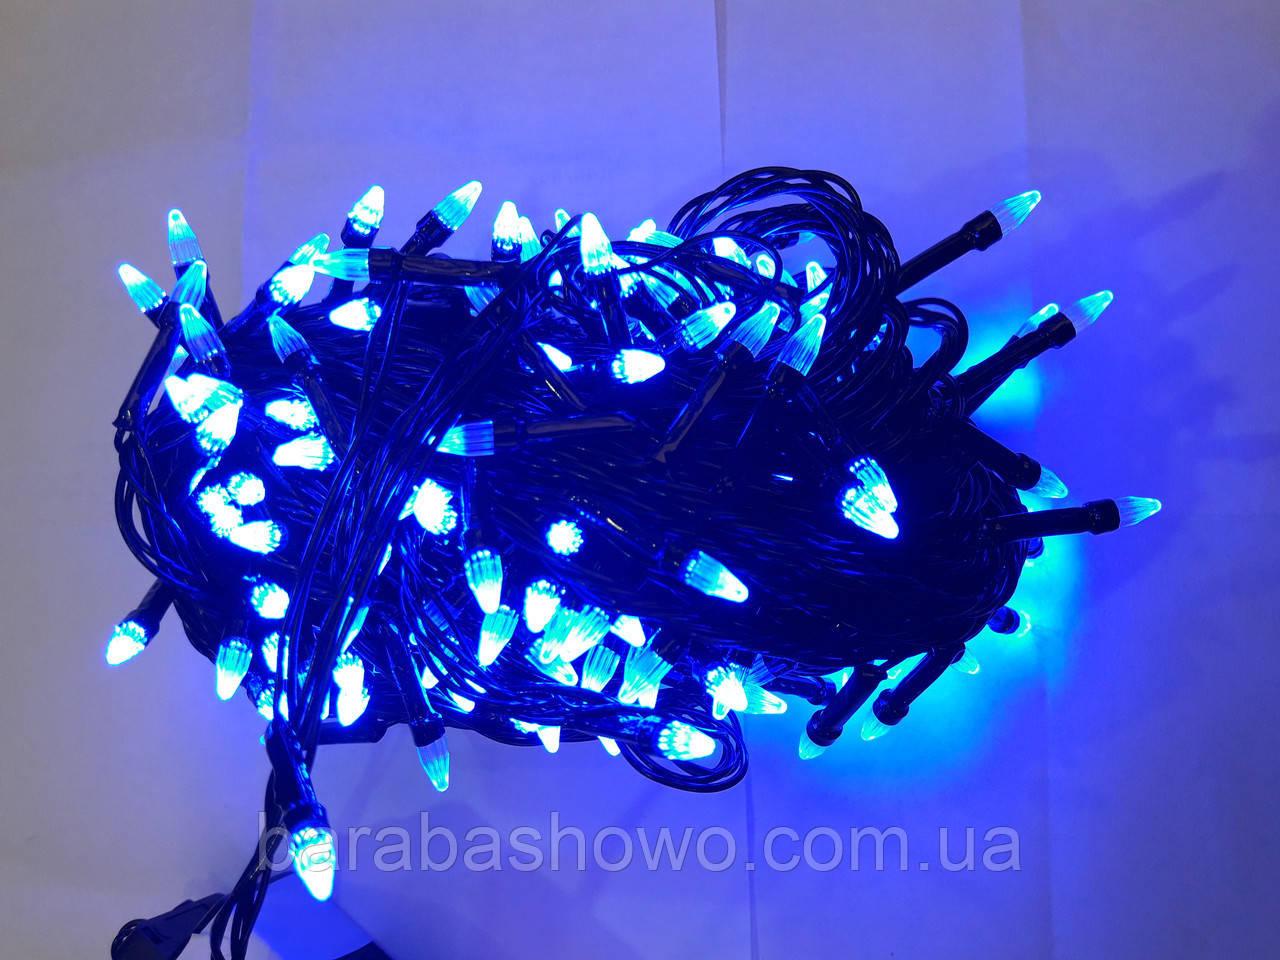 Гирлянда ЕЛКА 300 LED на черном проводе, синяя